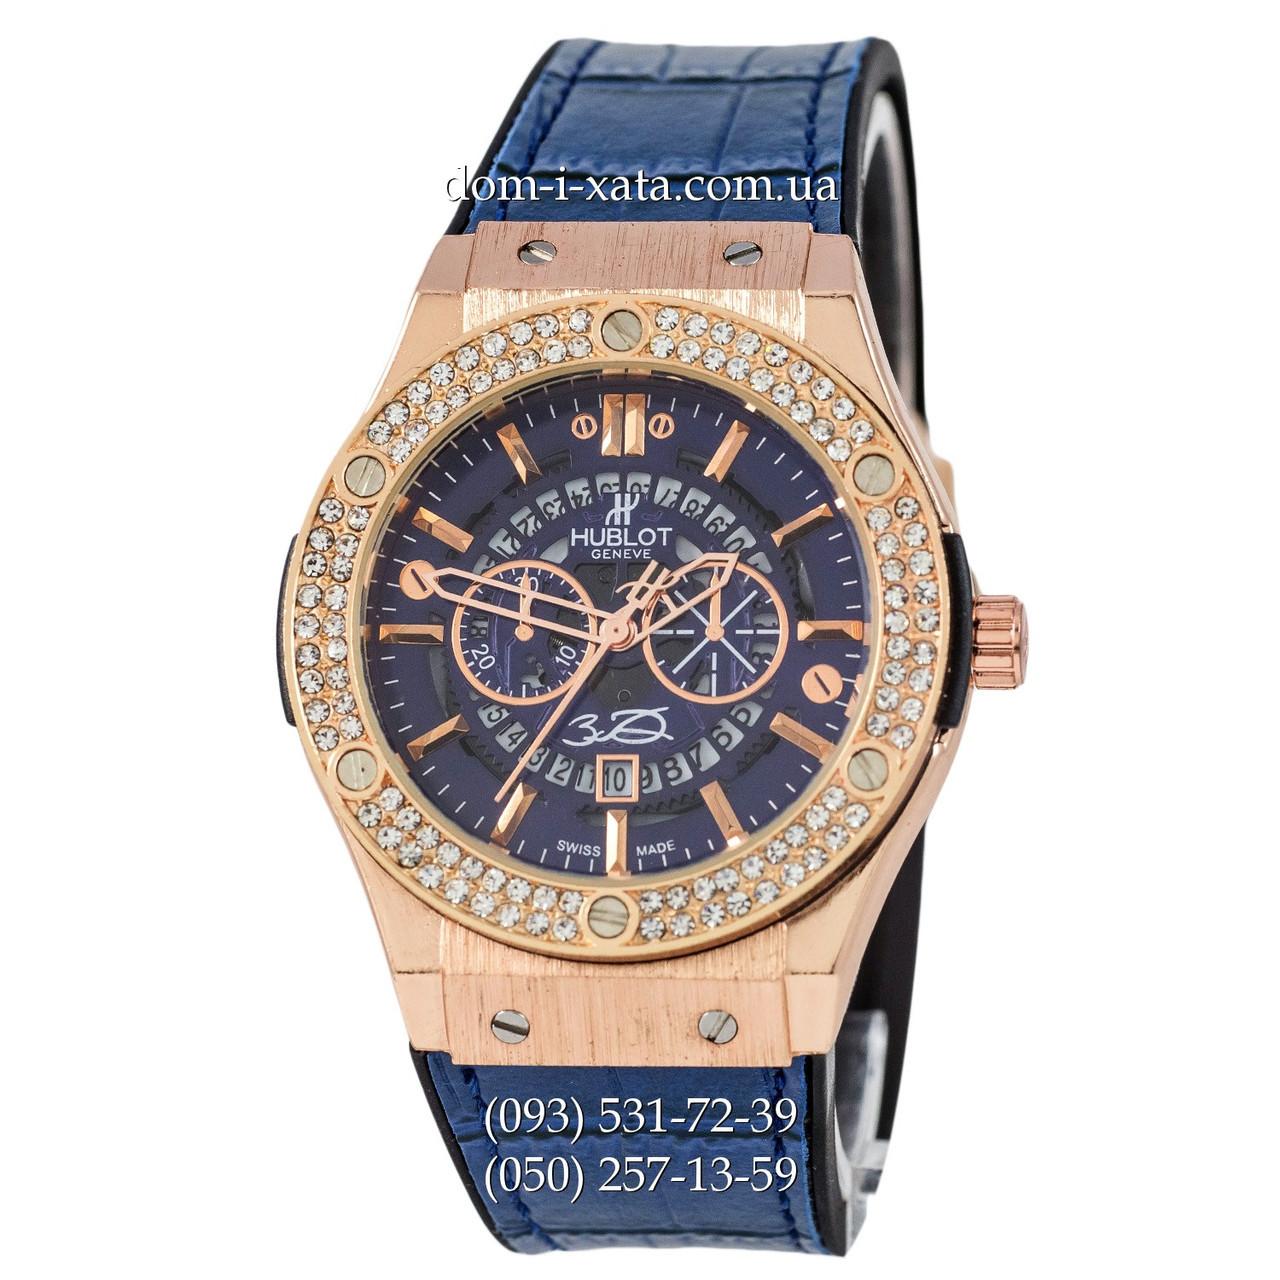 Мужские наручные часы Hublot 882888 Classic Fusion Crystal Blue-Gold-Blue, Хублот классик, реплика отличное качество!